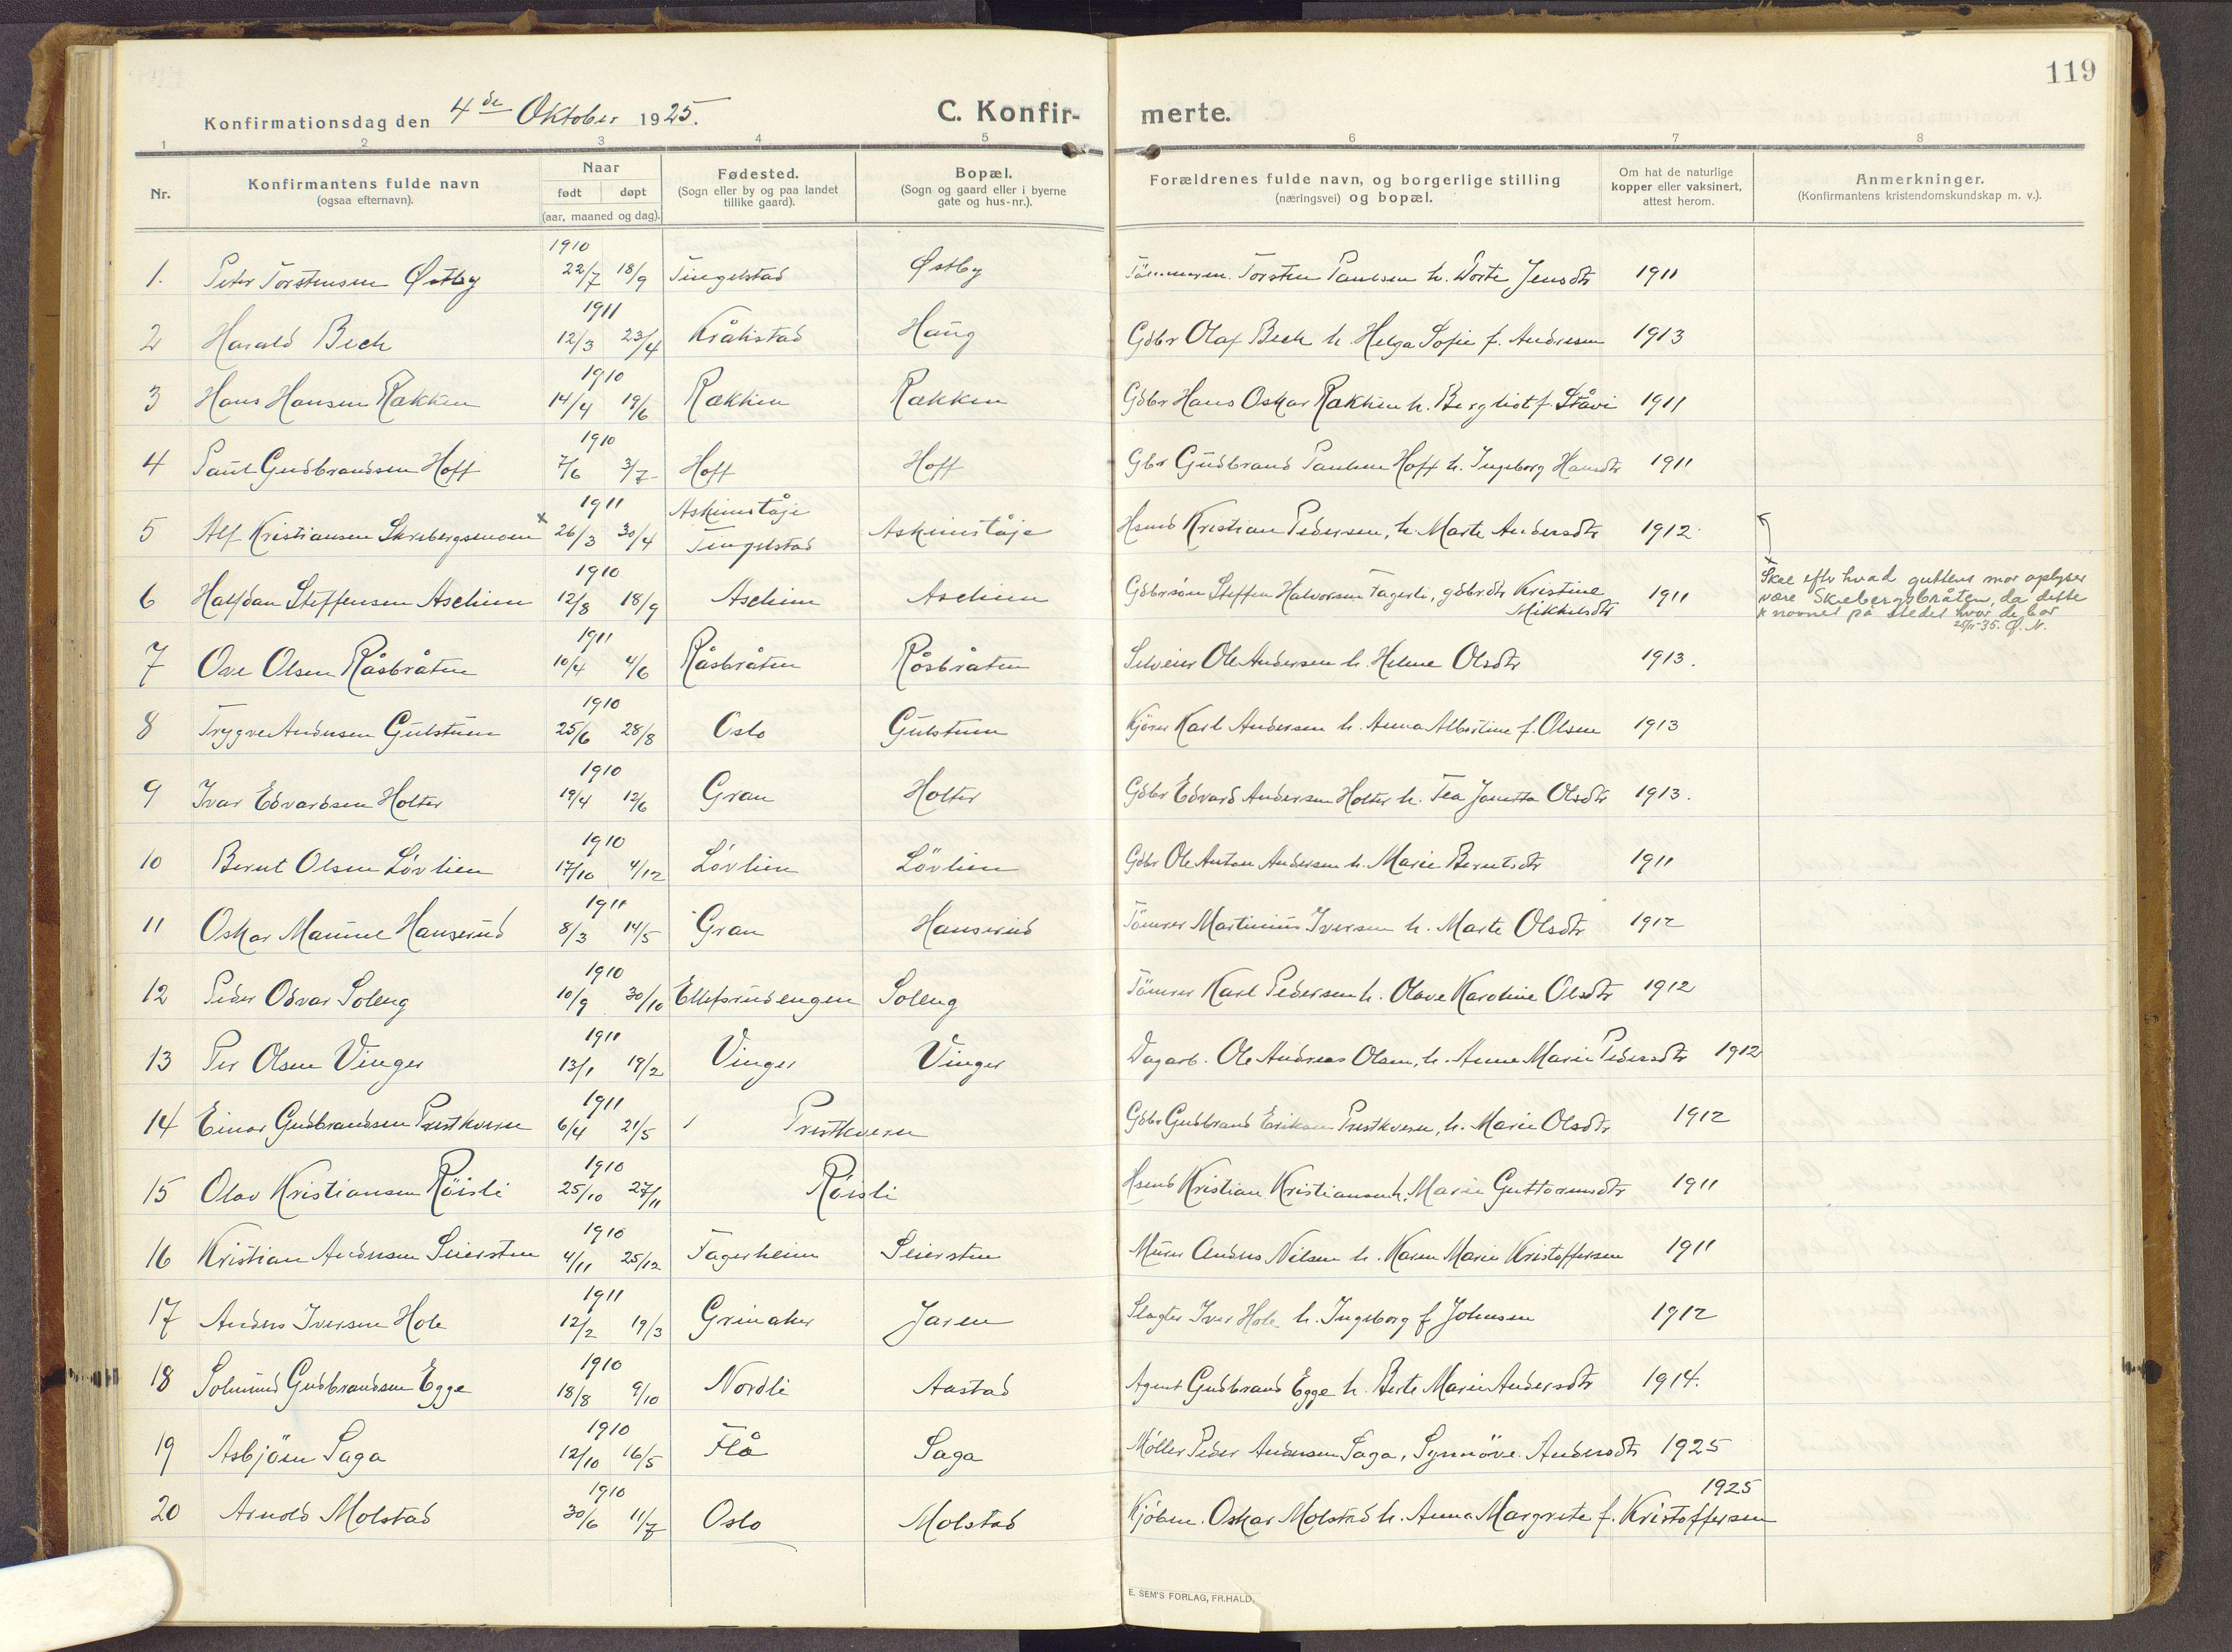 SAH, Brandbu prestekontor, Ministerialbok nr. 3, 1914-1928, s. 119